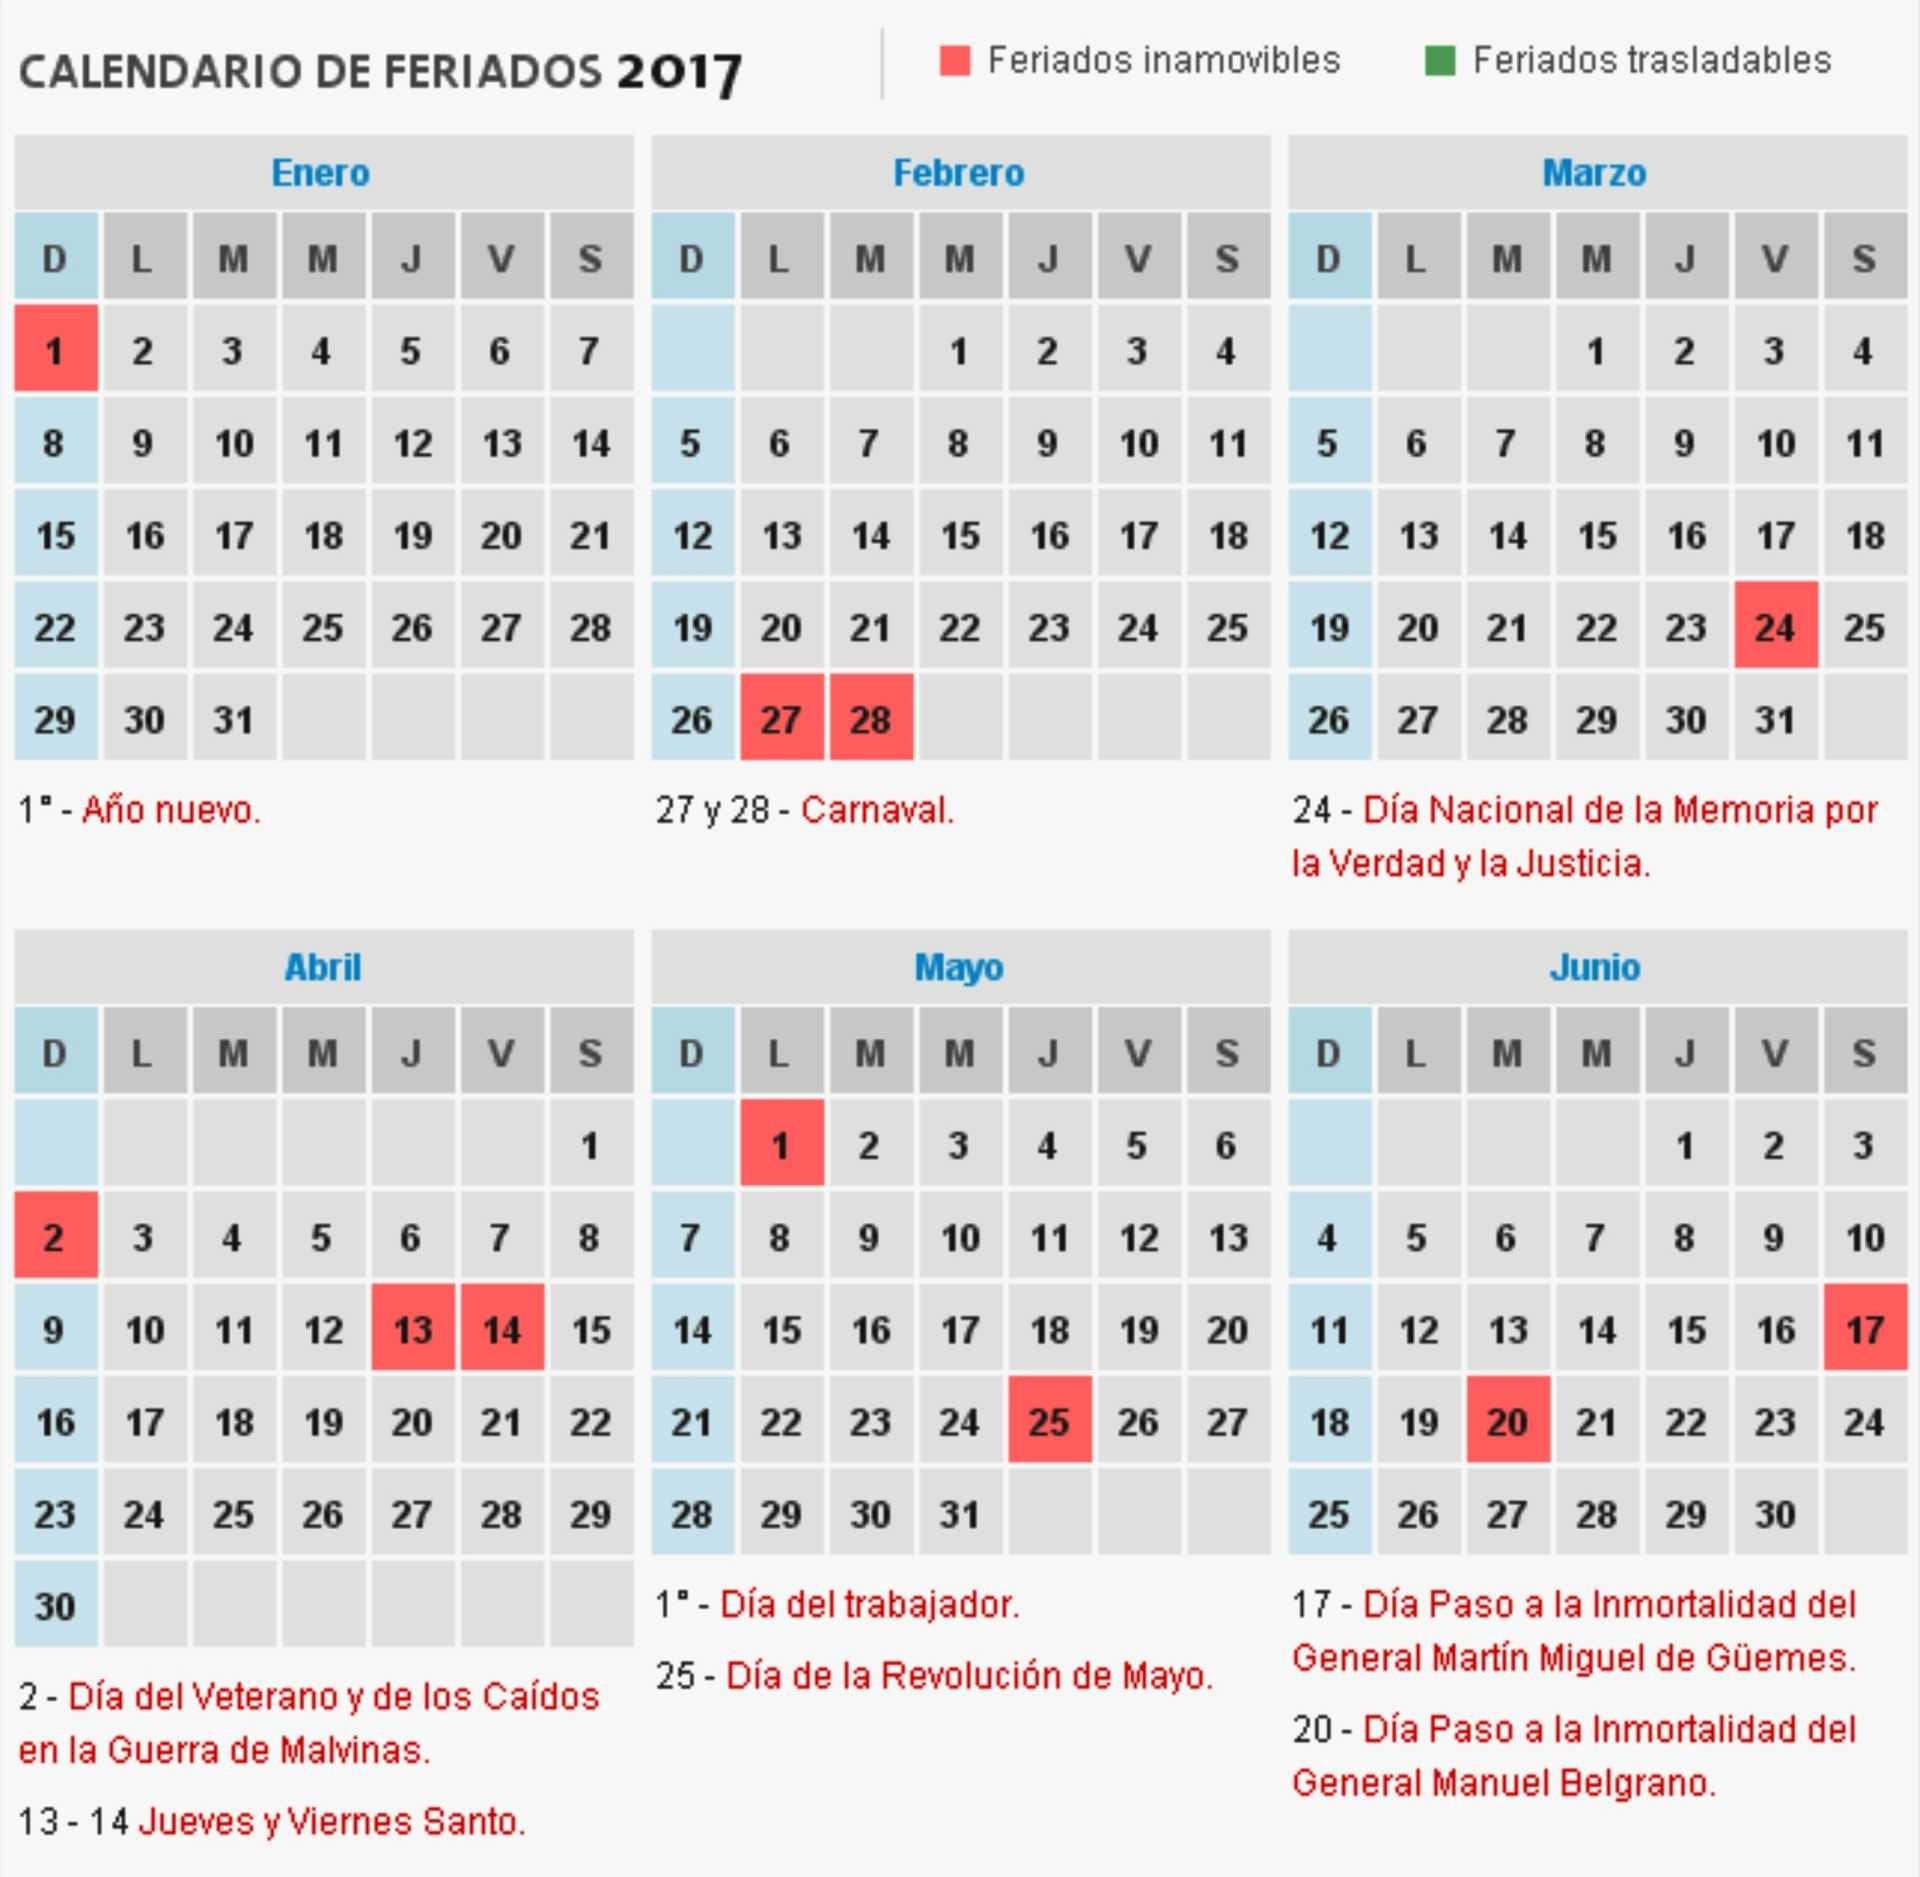 consulta el calendario de feriados 2017 de la argentina